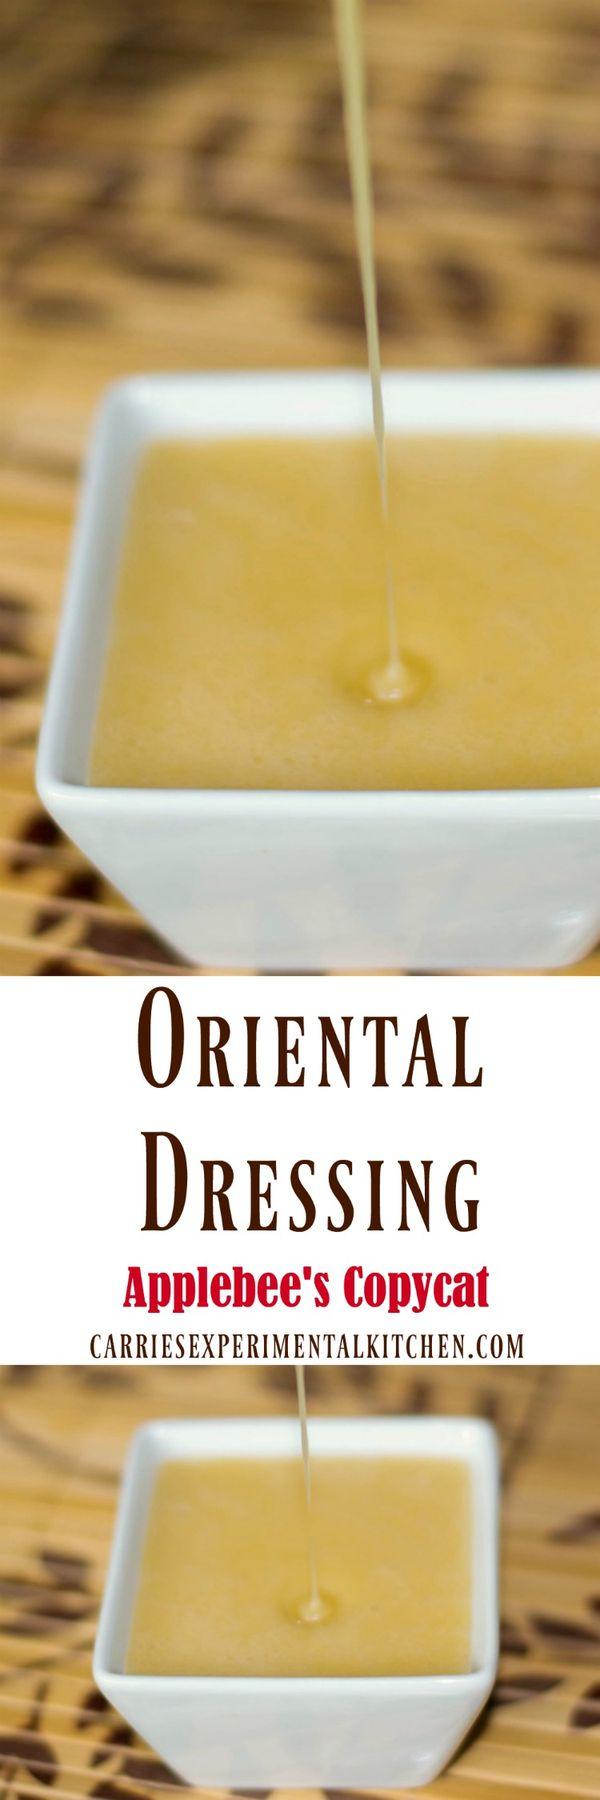 Applebee's Oriental Dressing (Copycat